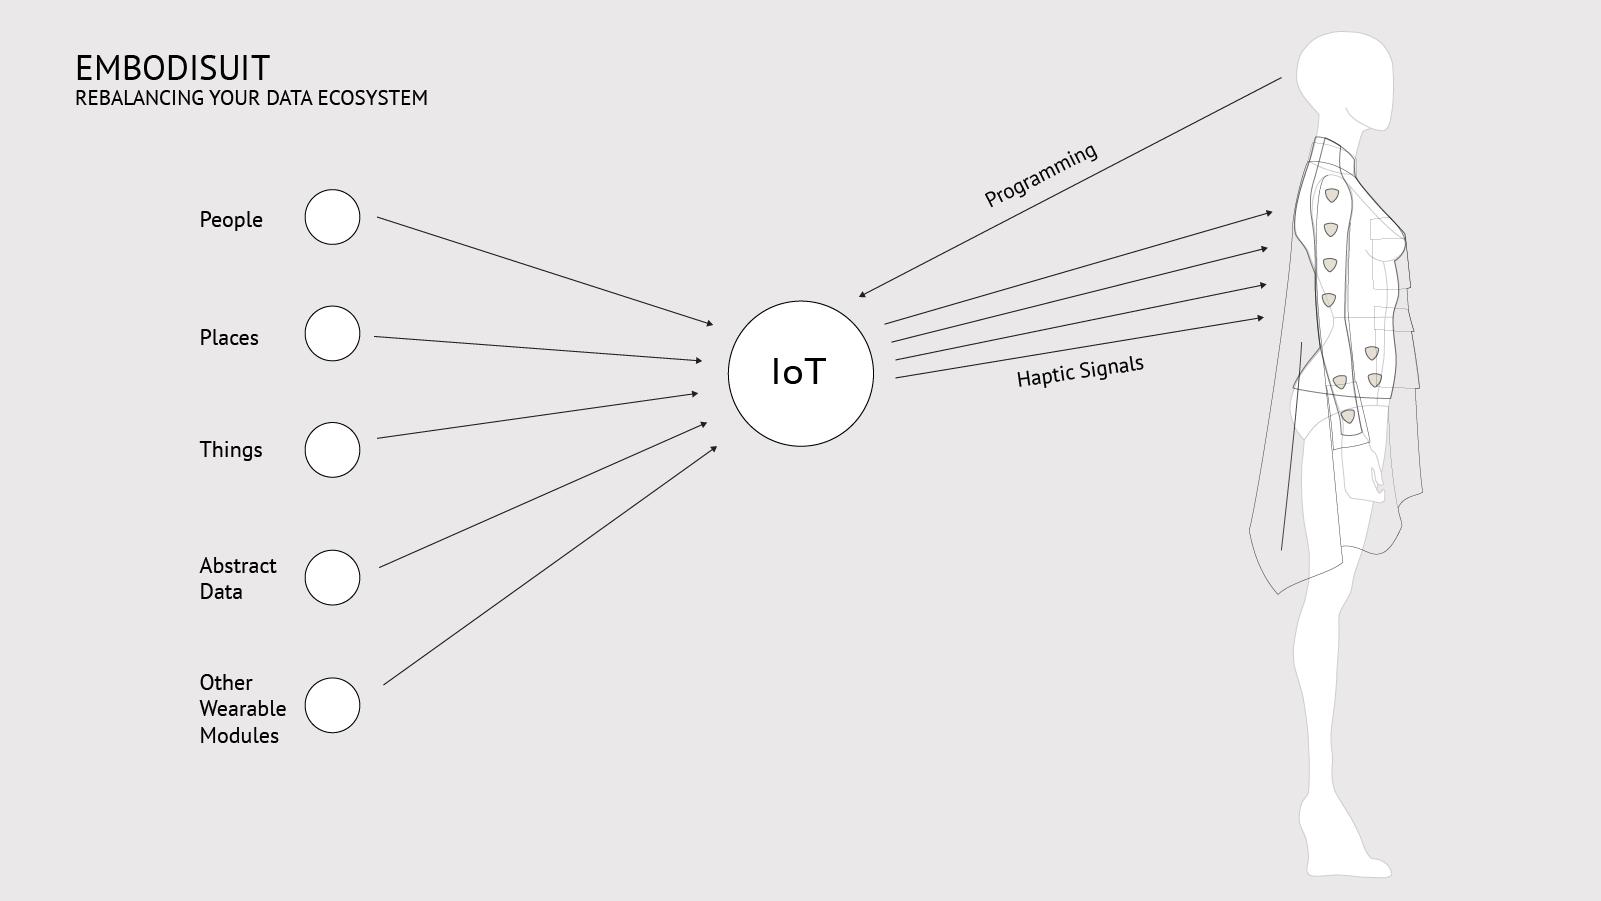 embodisuit IoT diagram